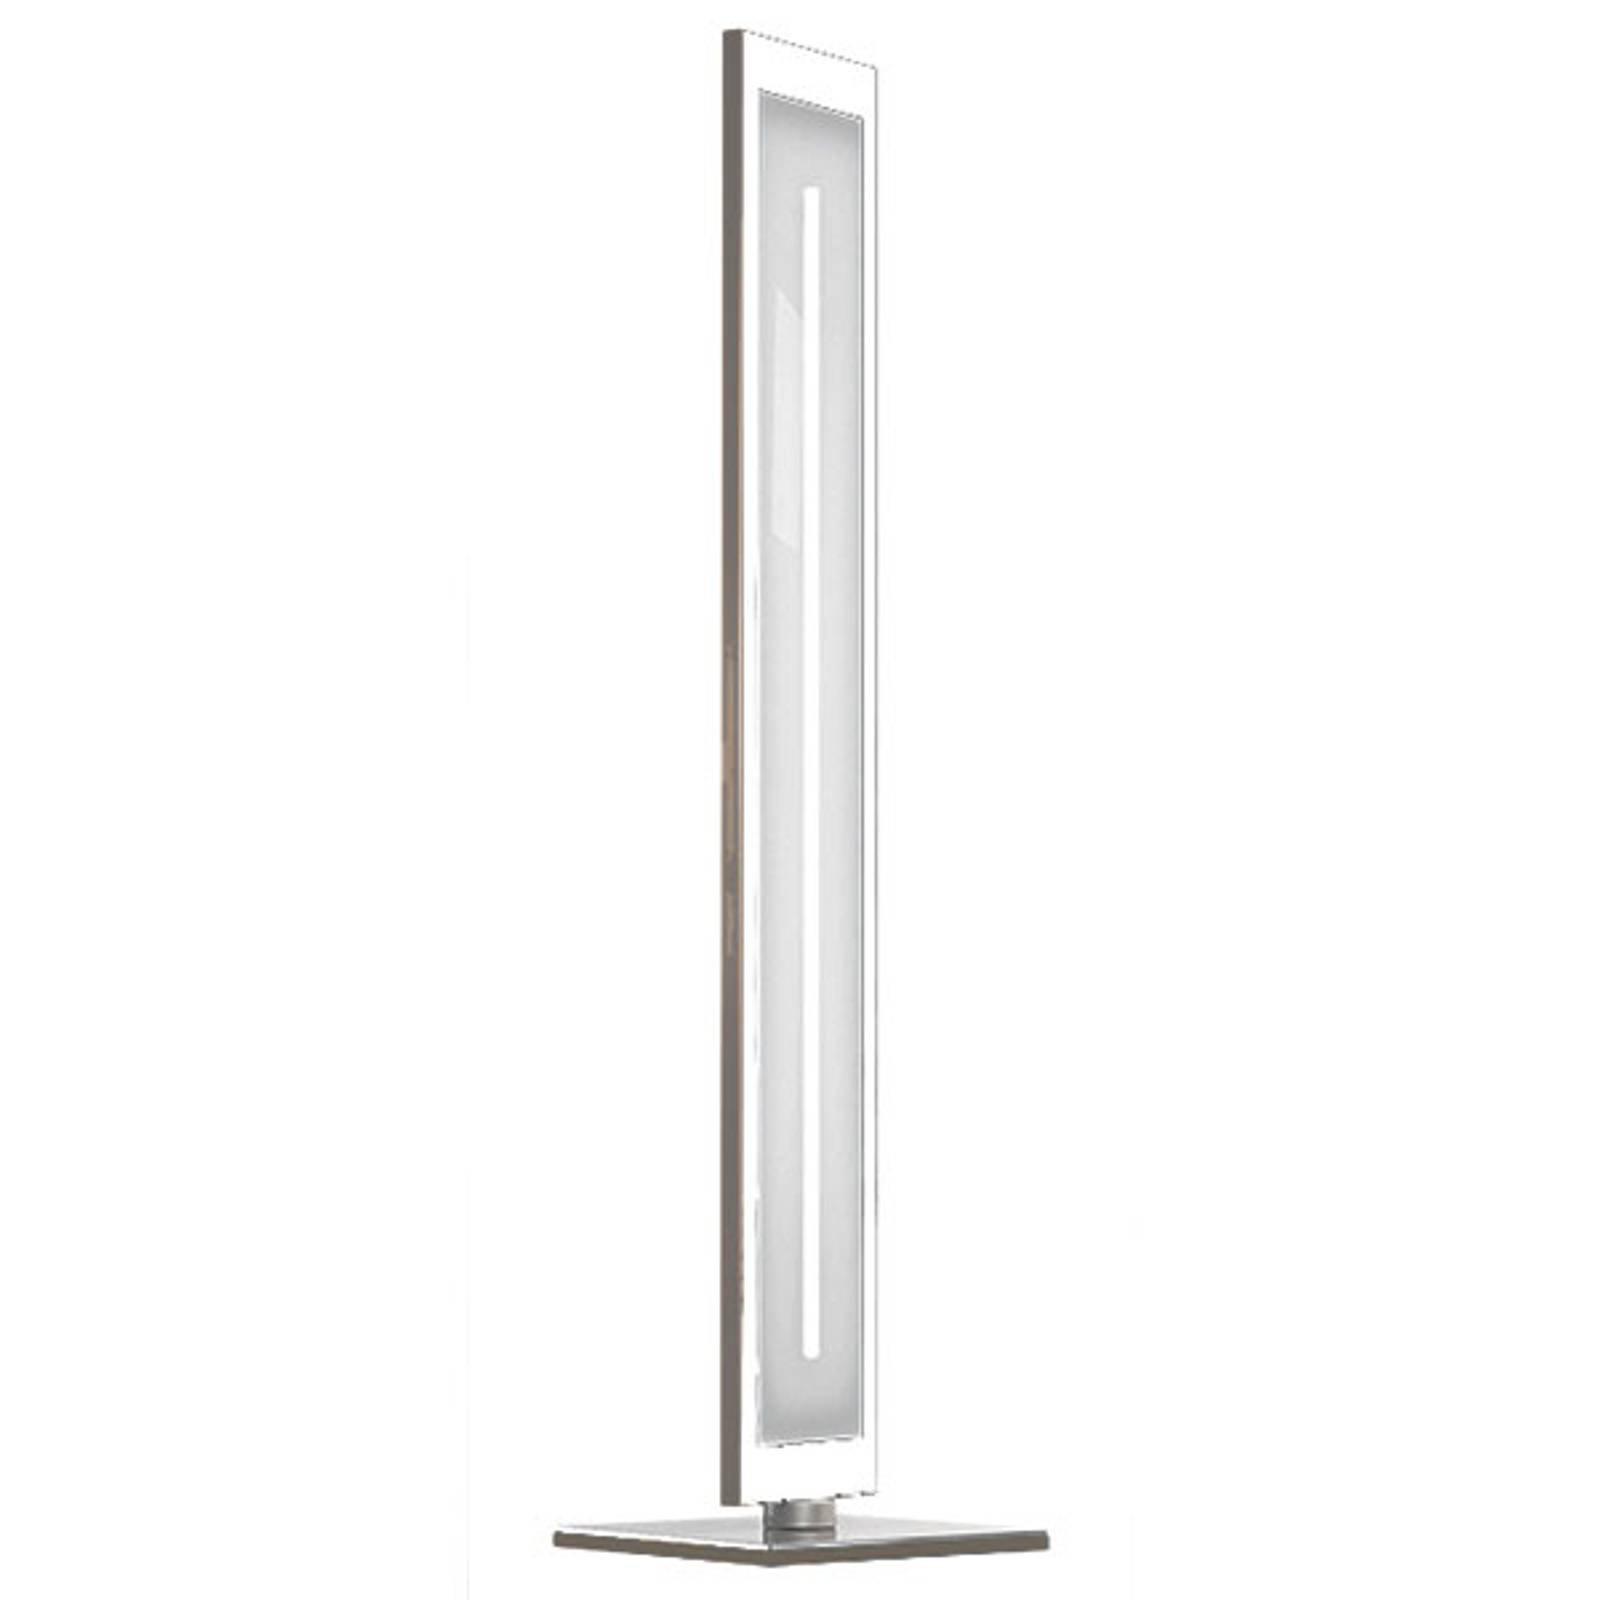 Fjernstyrt LED-gulvlampe Zen m. fargekontroll